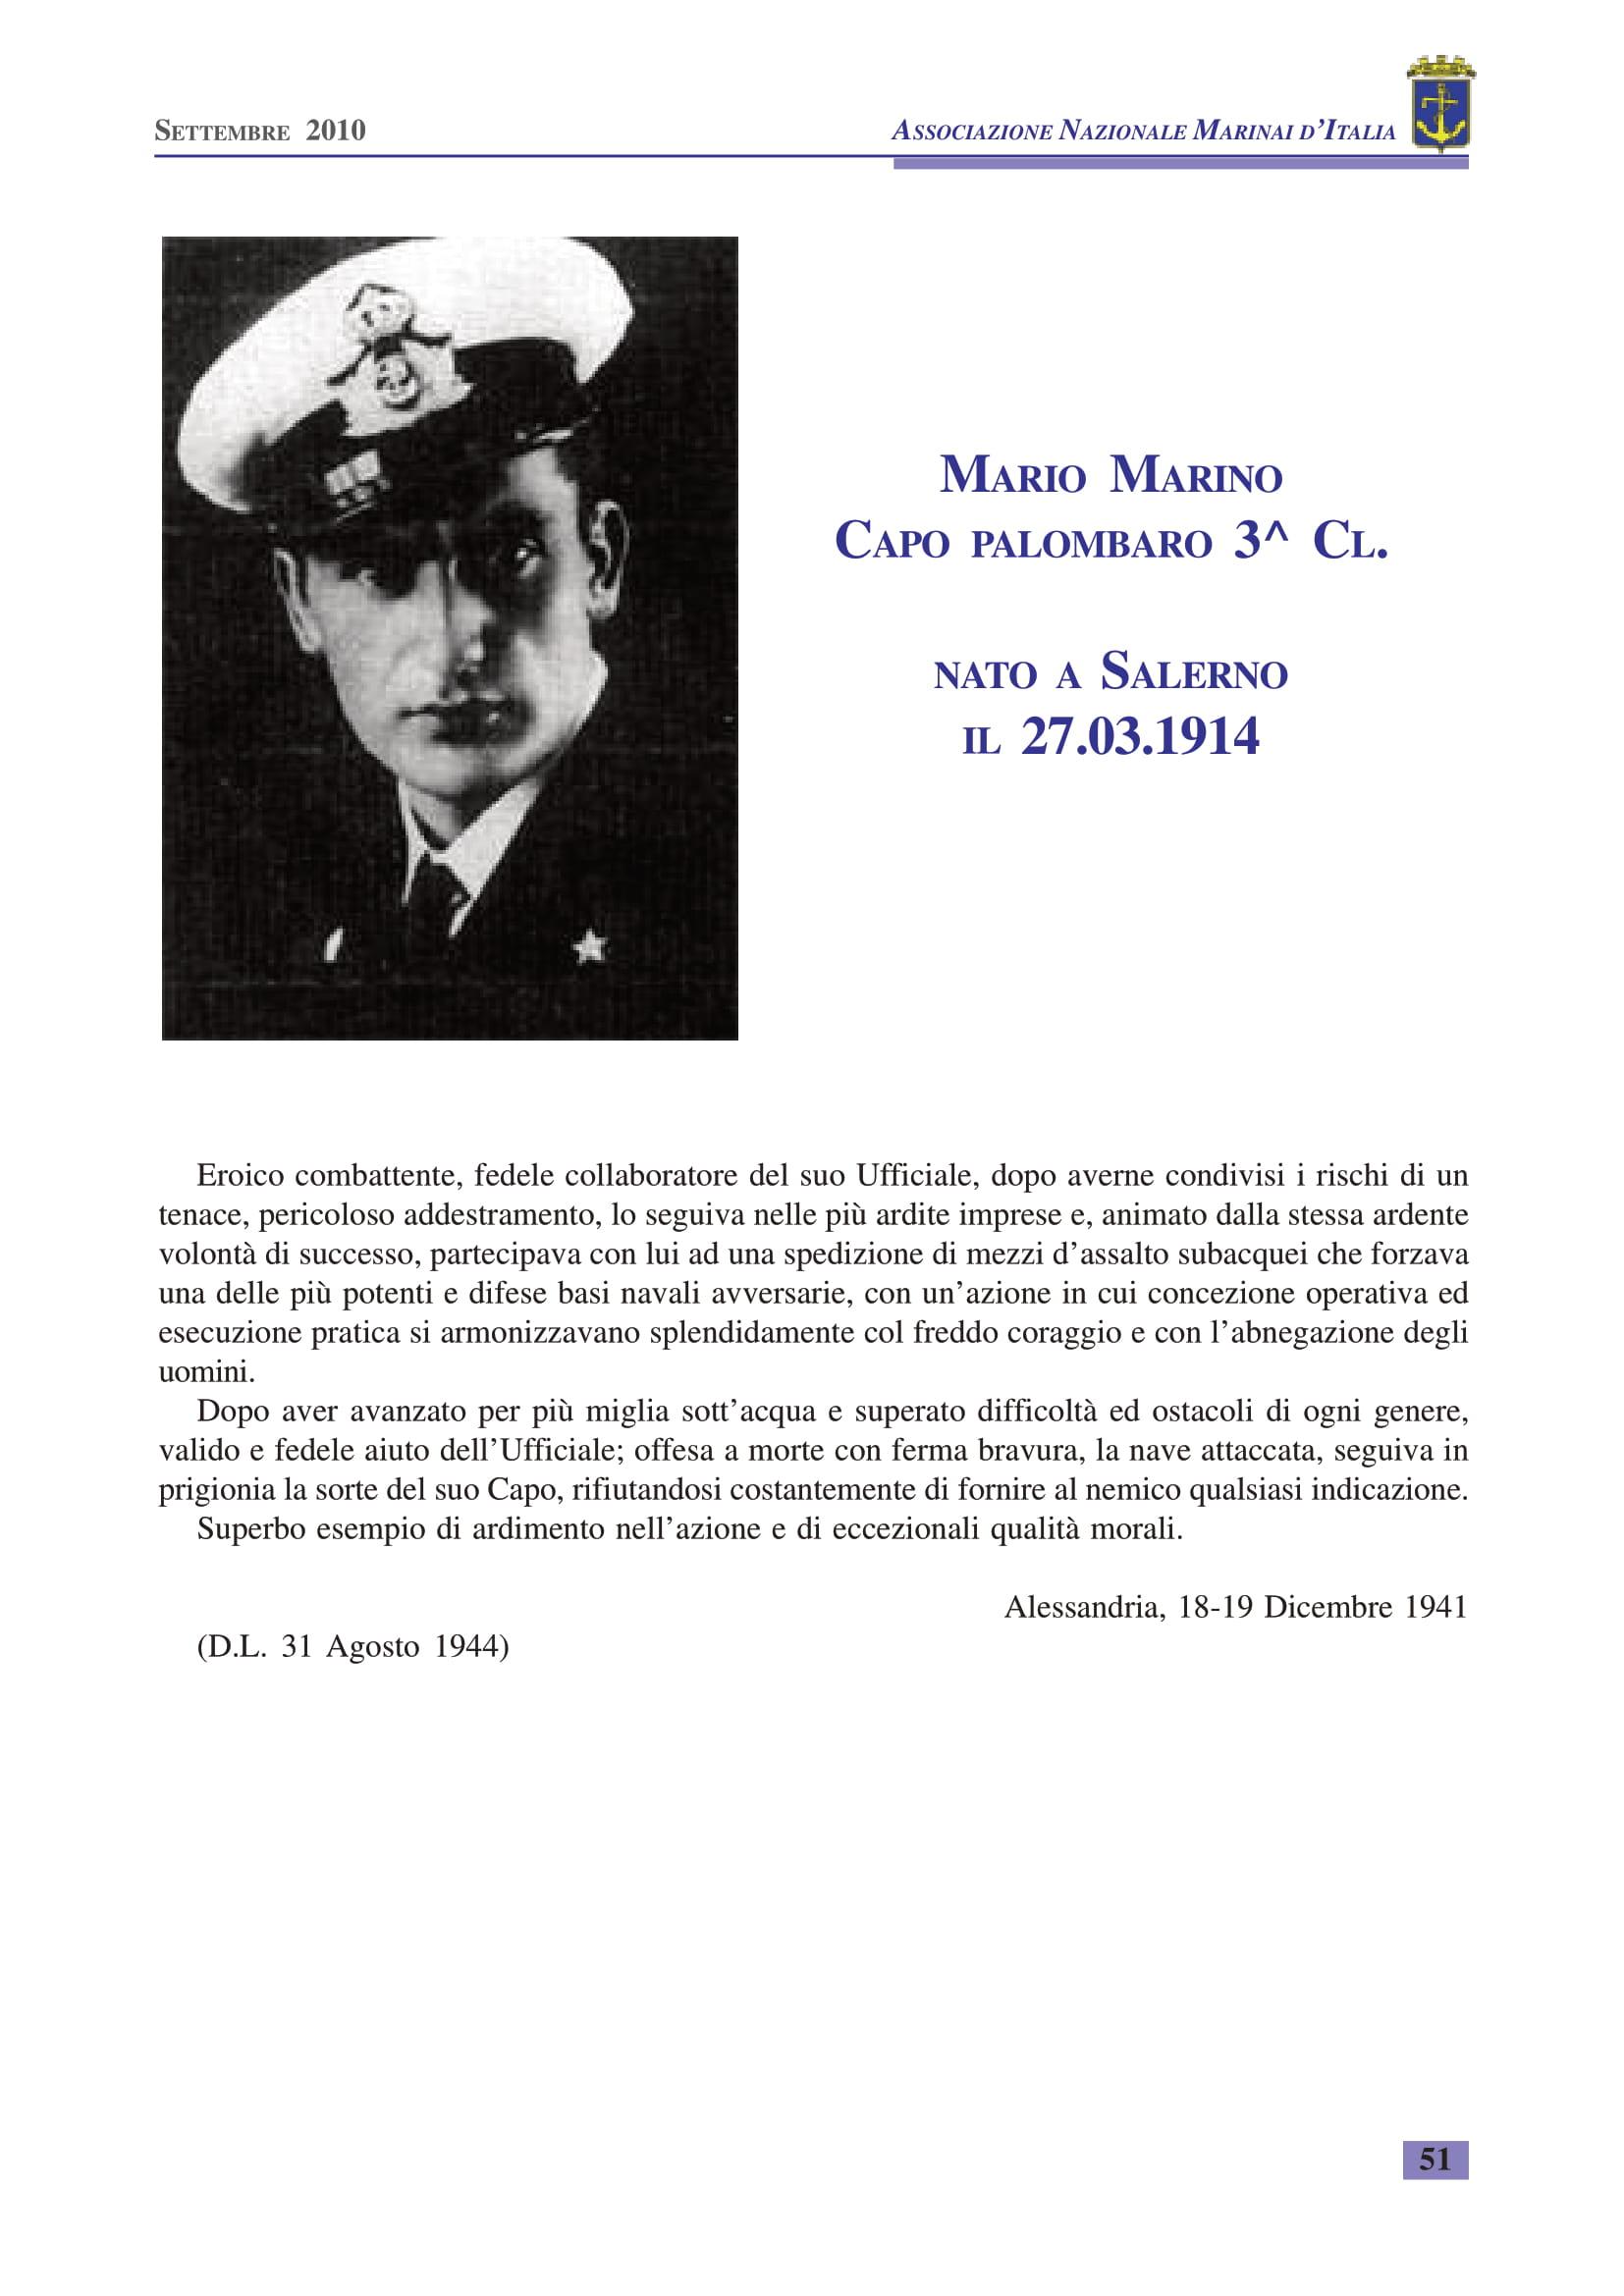 Ass. marinai-51